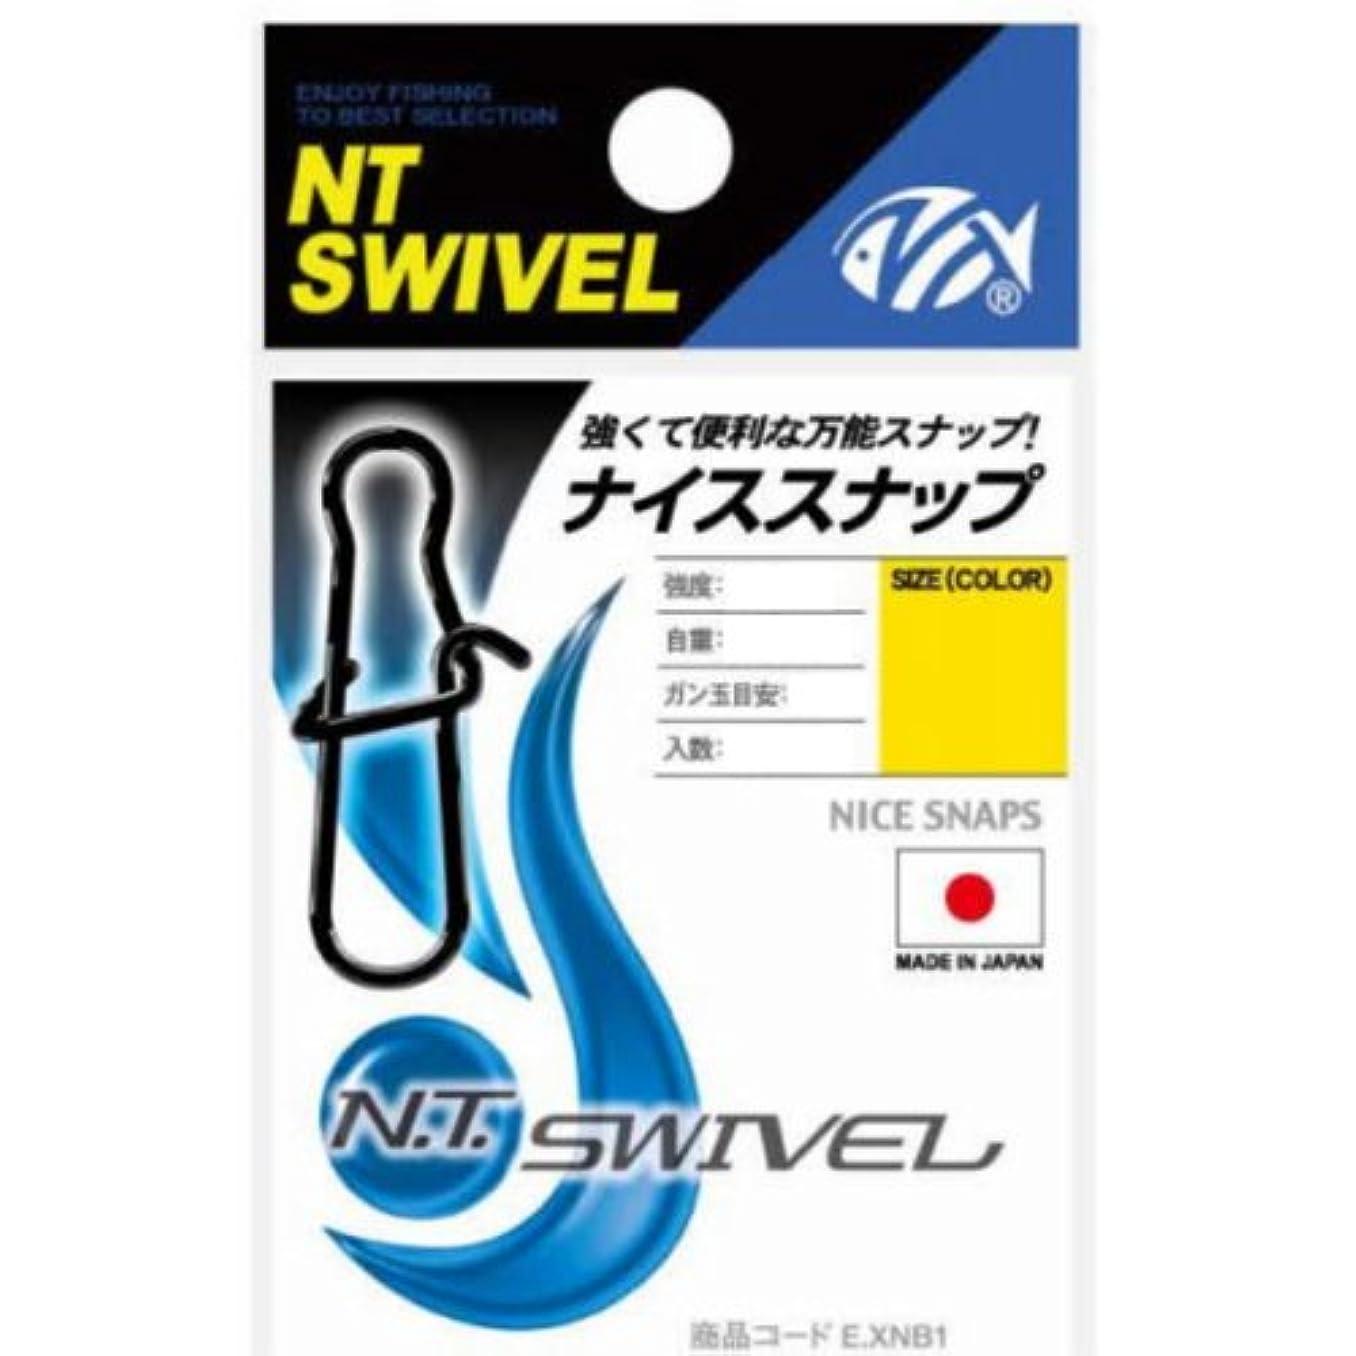 闘争アクション死んでいるNTスイベル(N.T.SWIVEL) ナイススナップ クロ #4